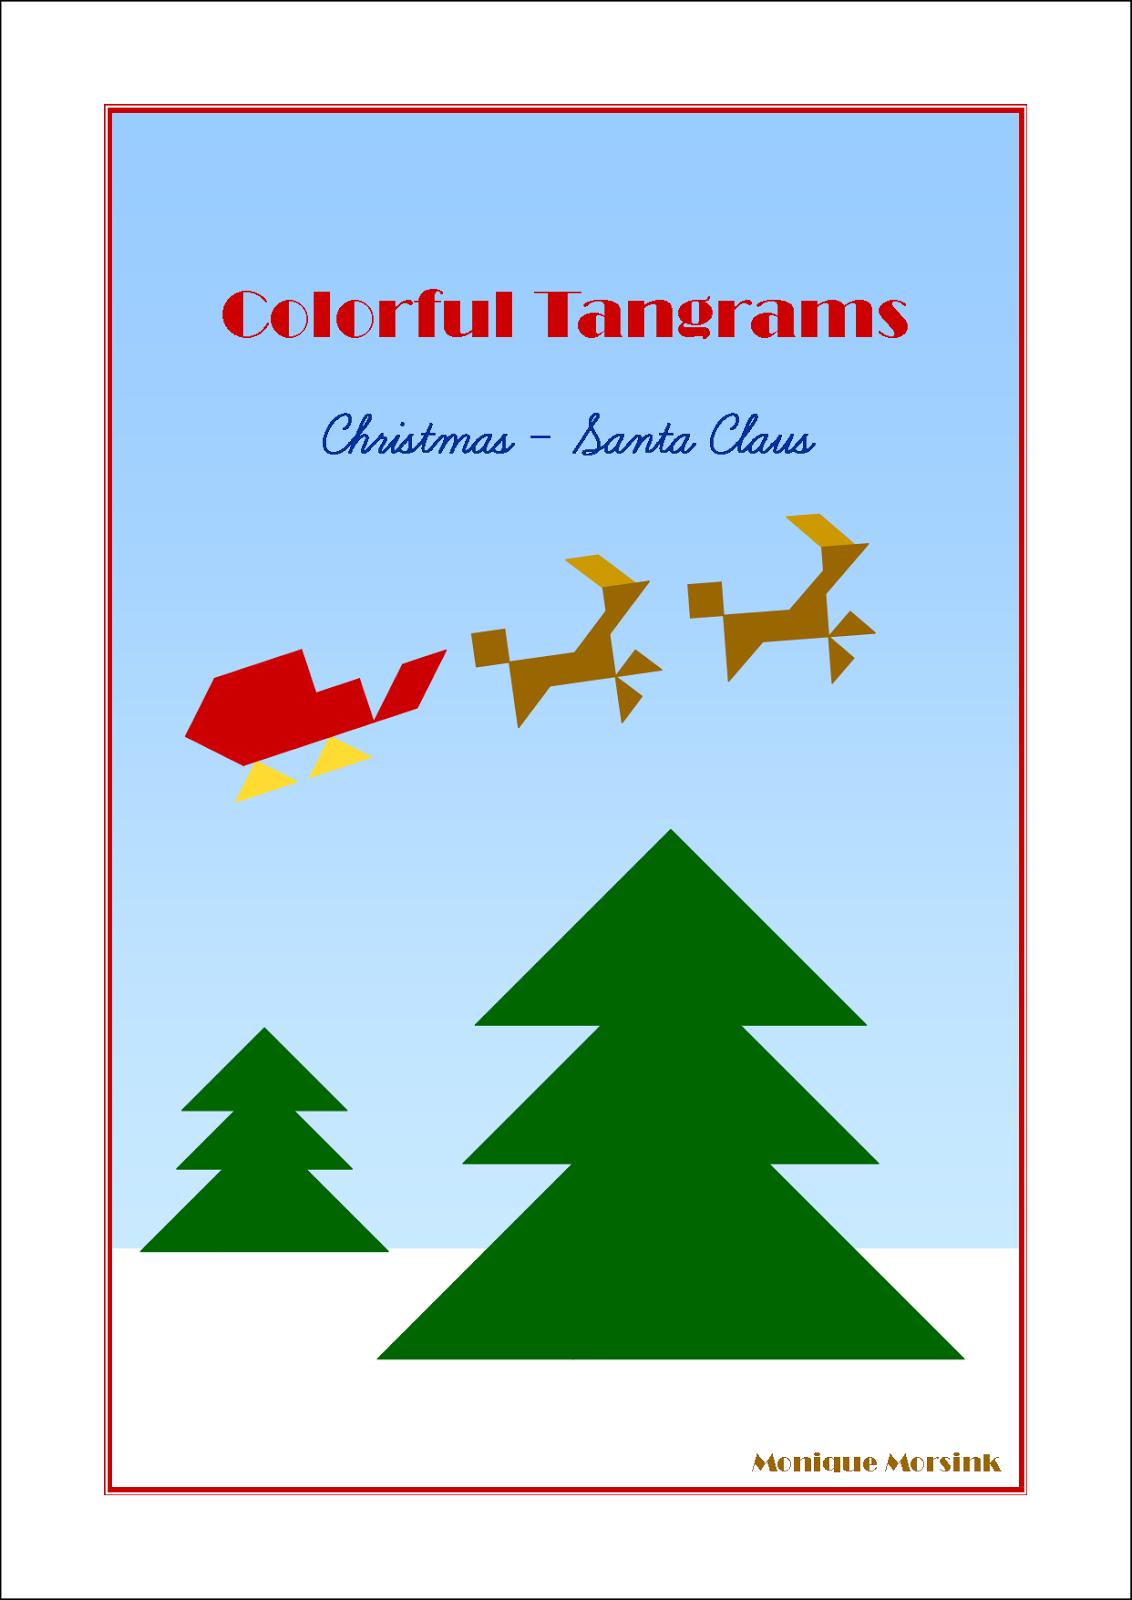 Colorful Tangrams Christmas